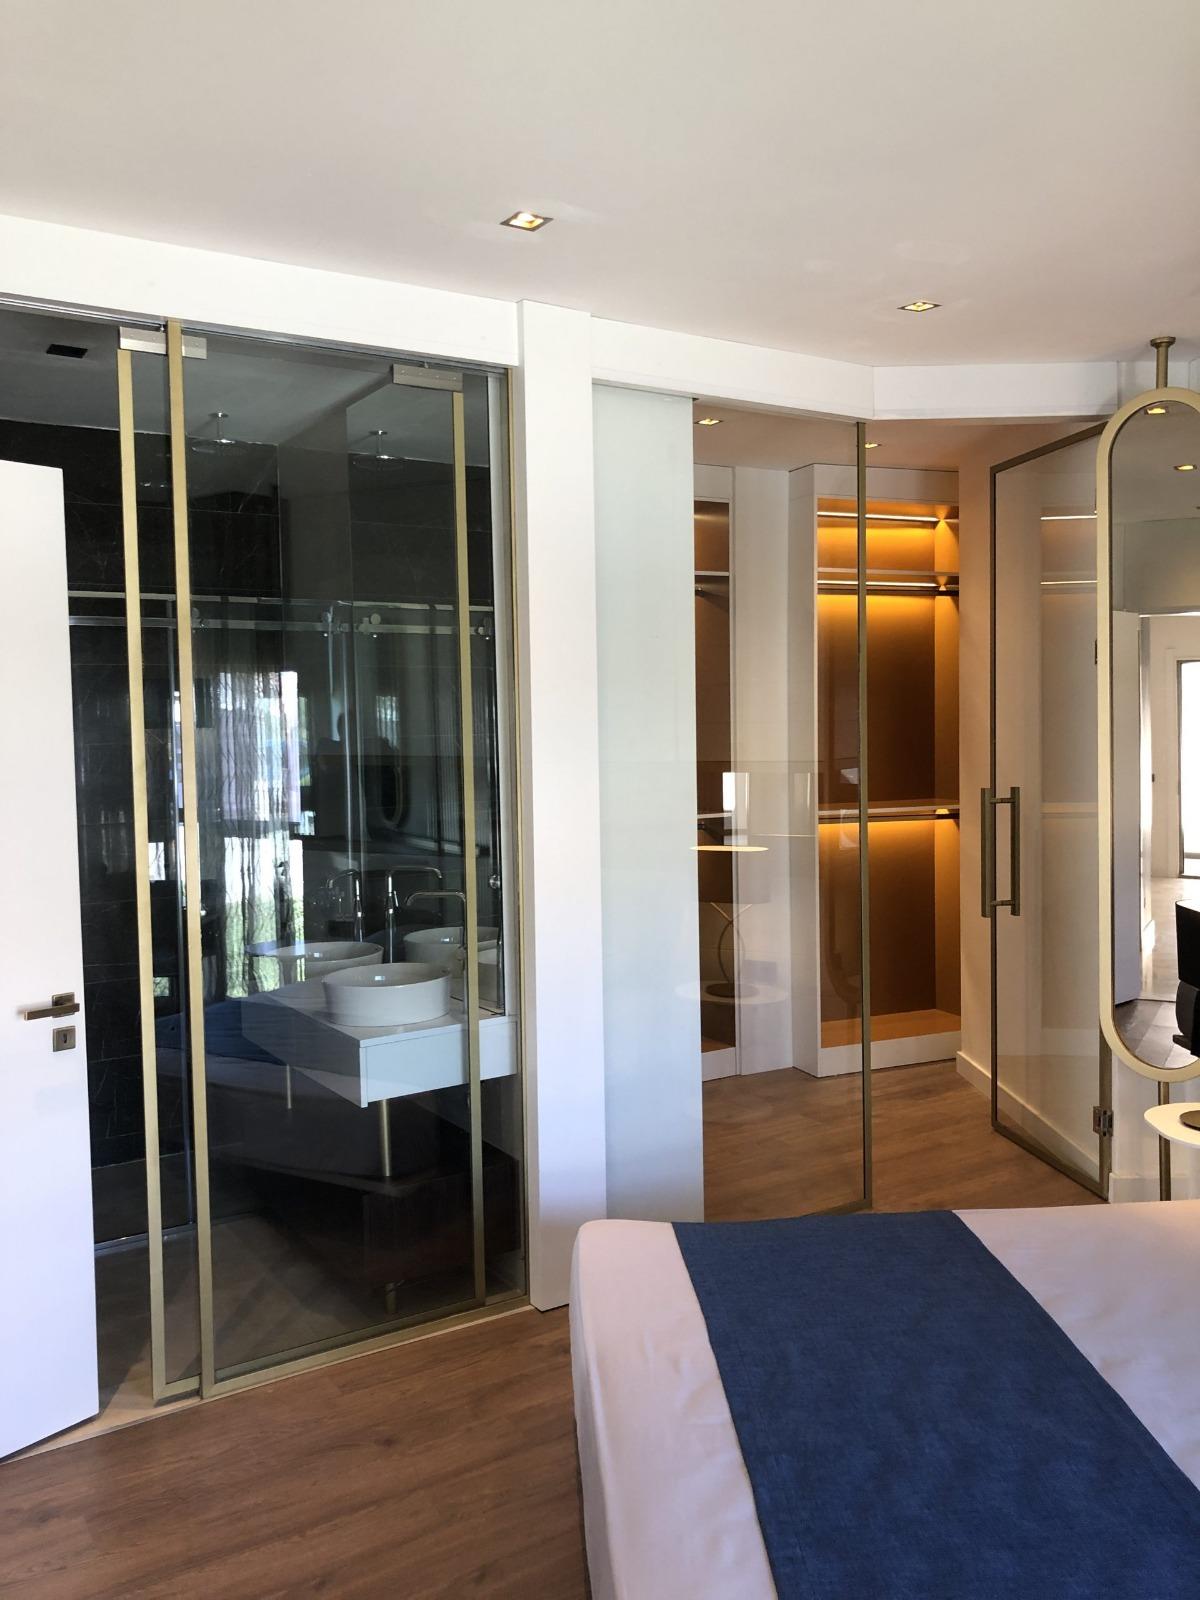 Резиденция класса люкс отельной концепции - Фото 29